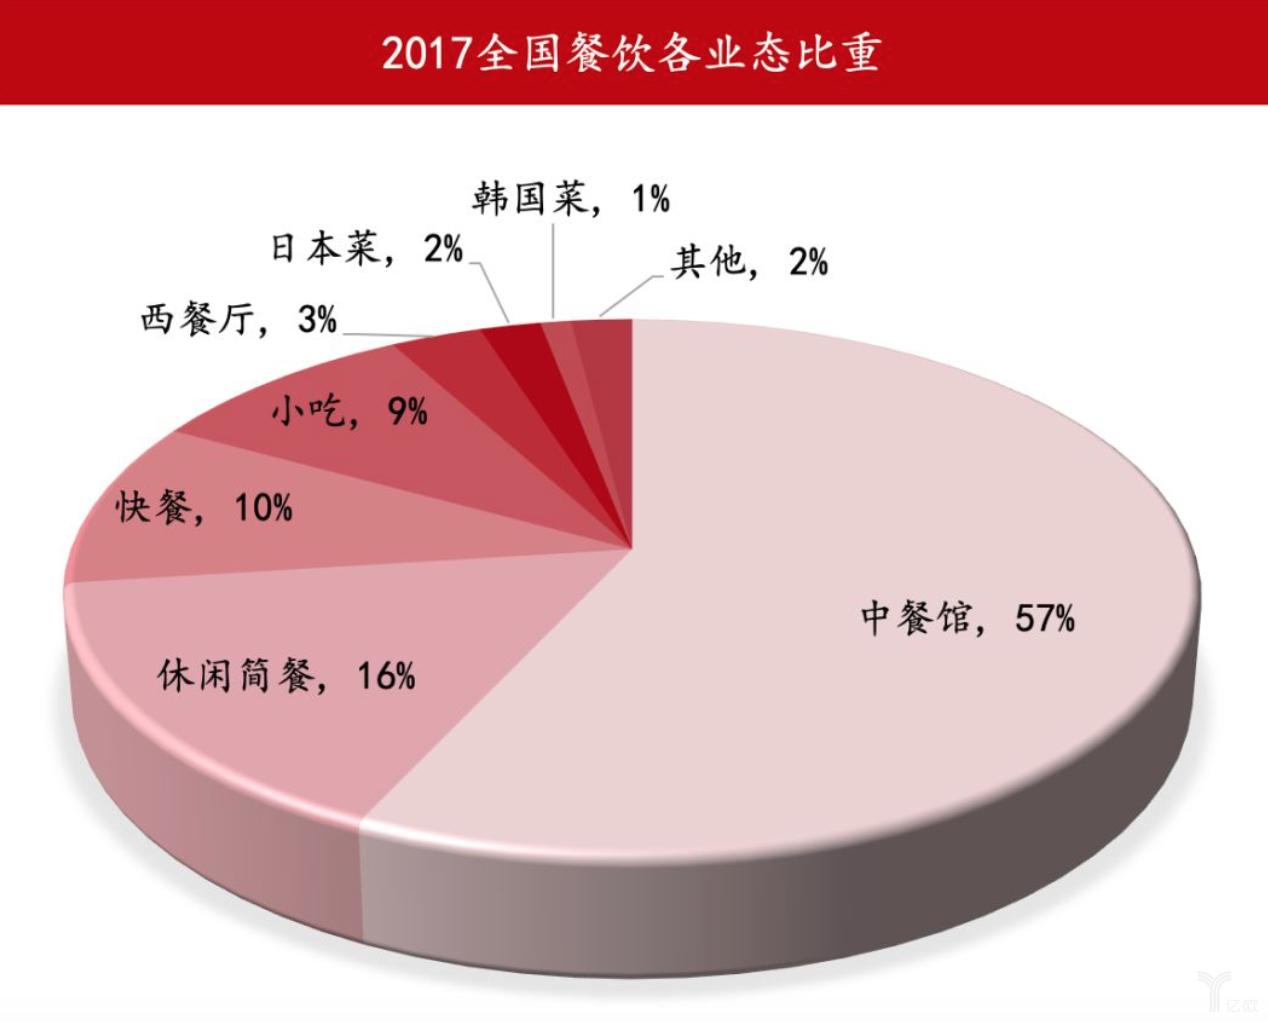 亿欧智库:2017中国餐饮业态餐饮业态